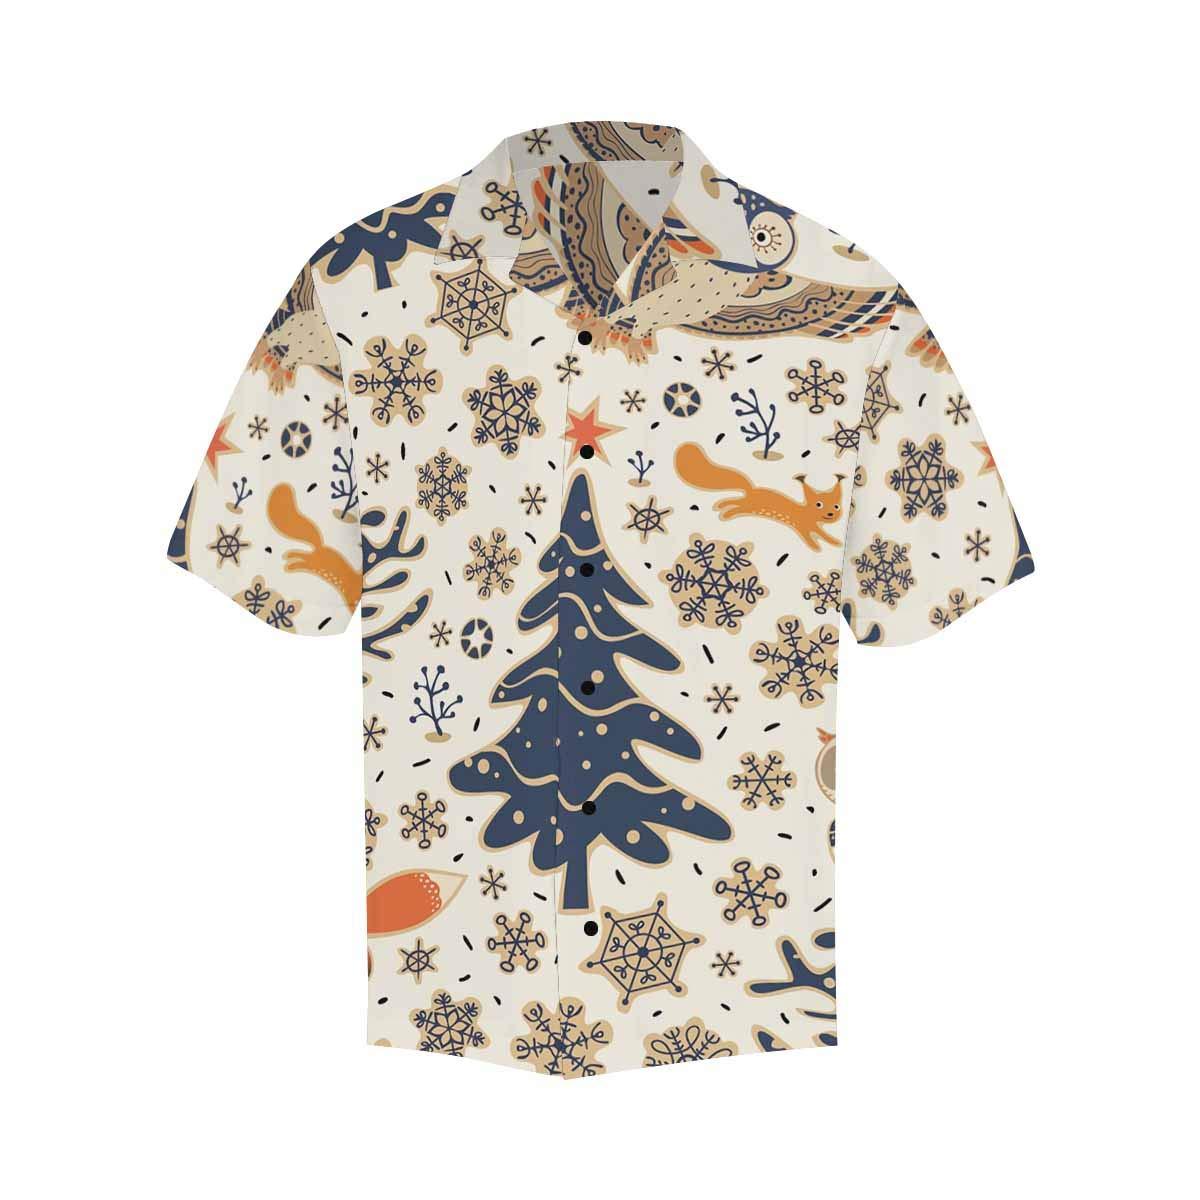 InterestPrint Casual Button Up Merry Christmas Background Short Sleeve Summer T Shirt